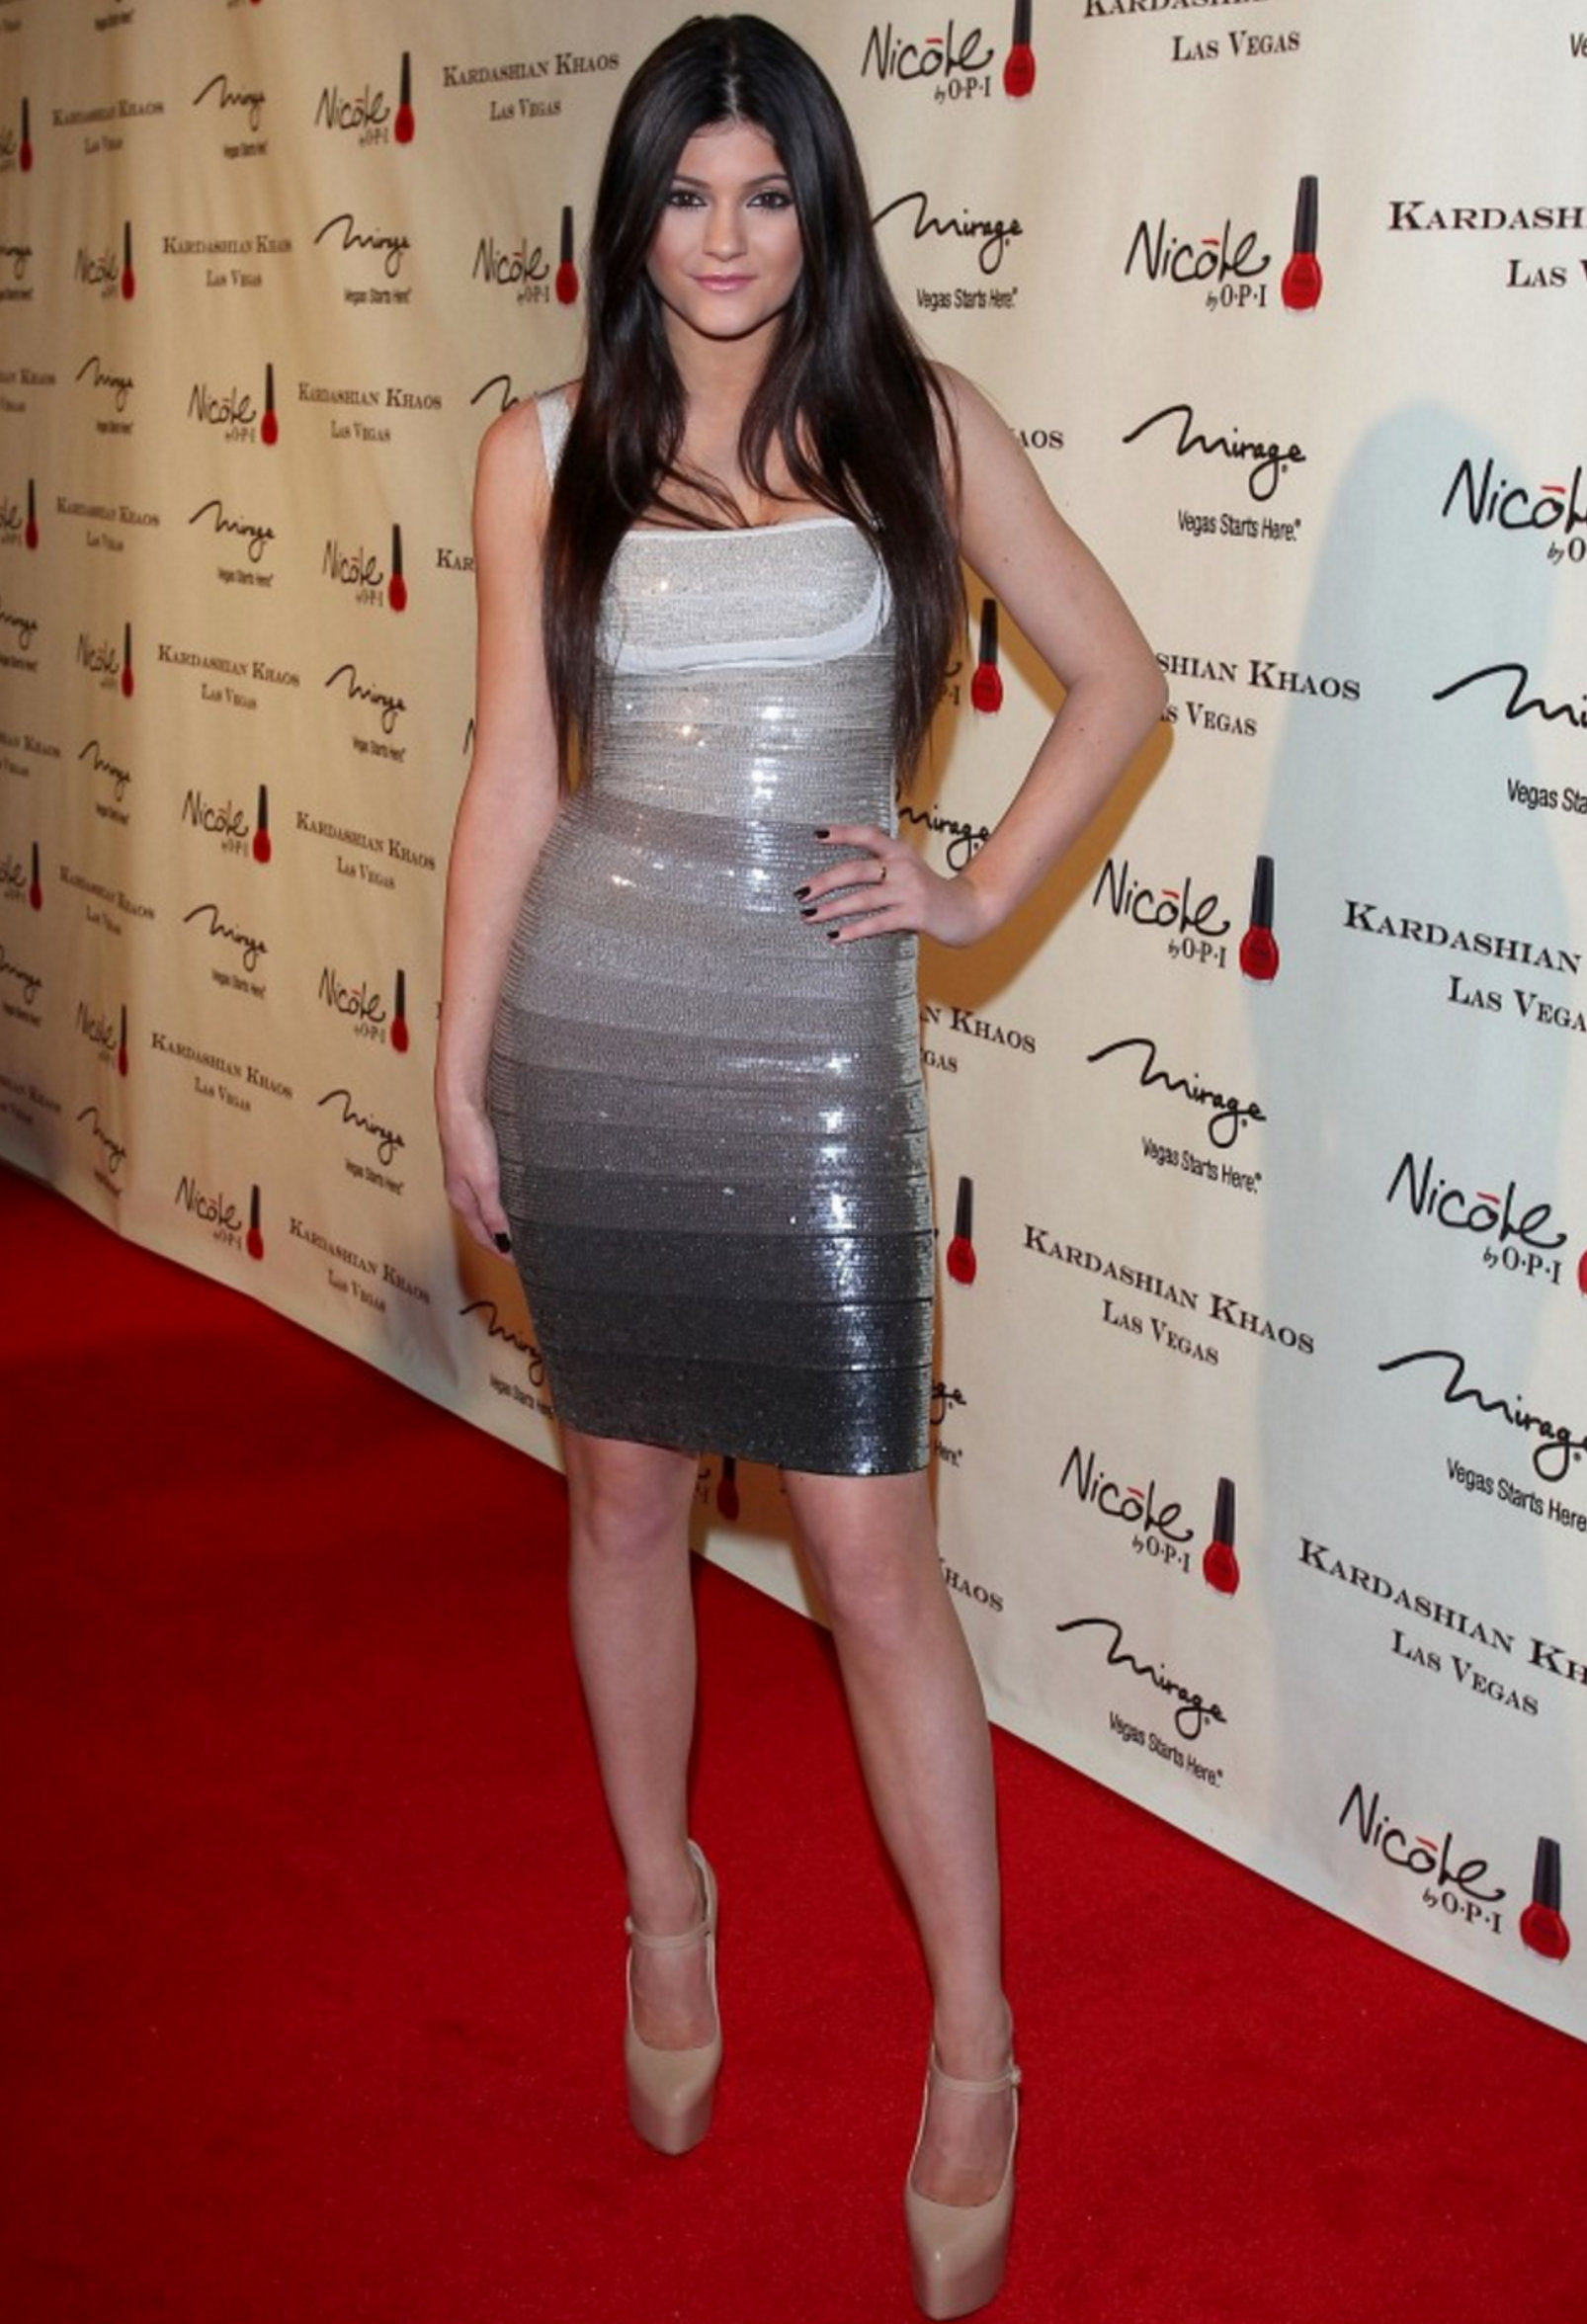 Kylie Jenner 2011 Dress Style